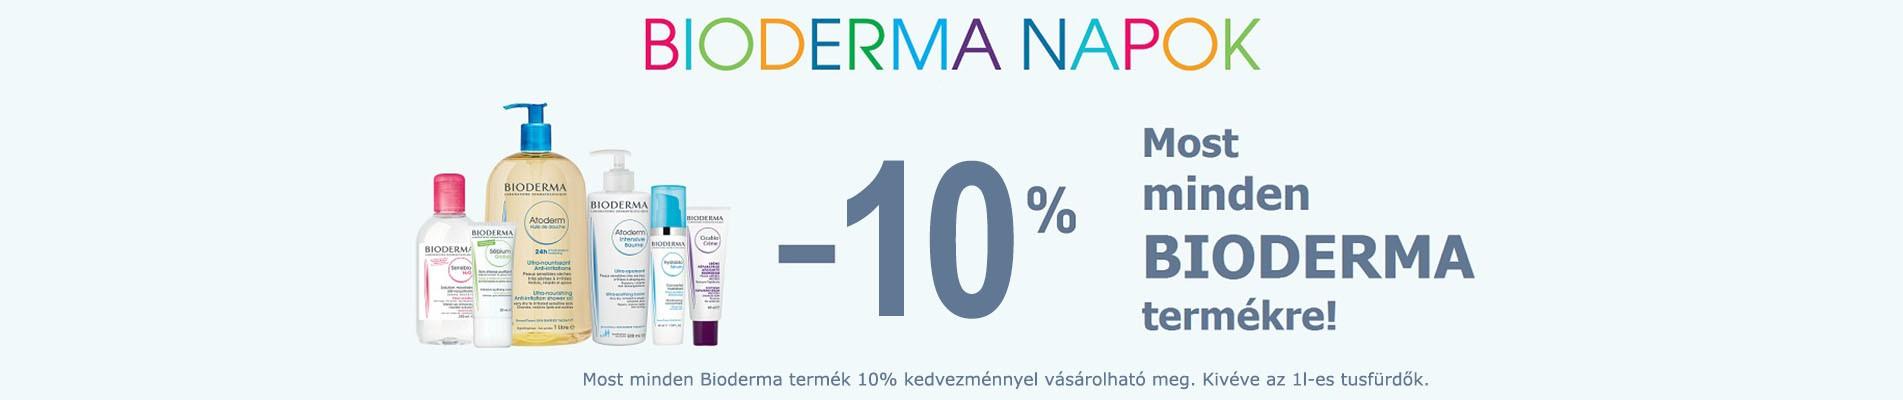 Jelenlegi BIODERMA akciónkban  most minden terméket 10% kedvezménnyel vásárolhat meg!  (Kivéve az 1l-es tusfürdők)